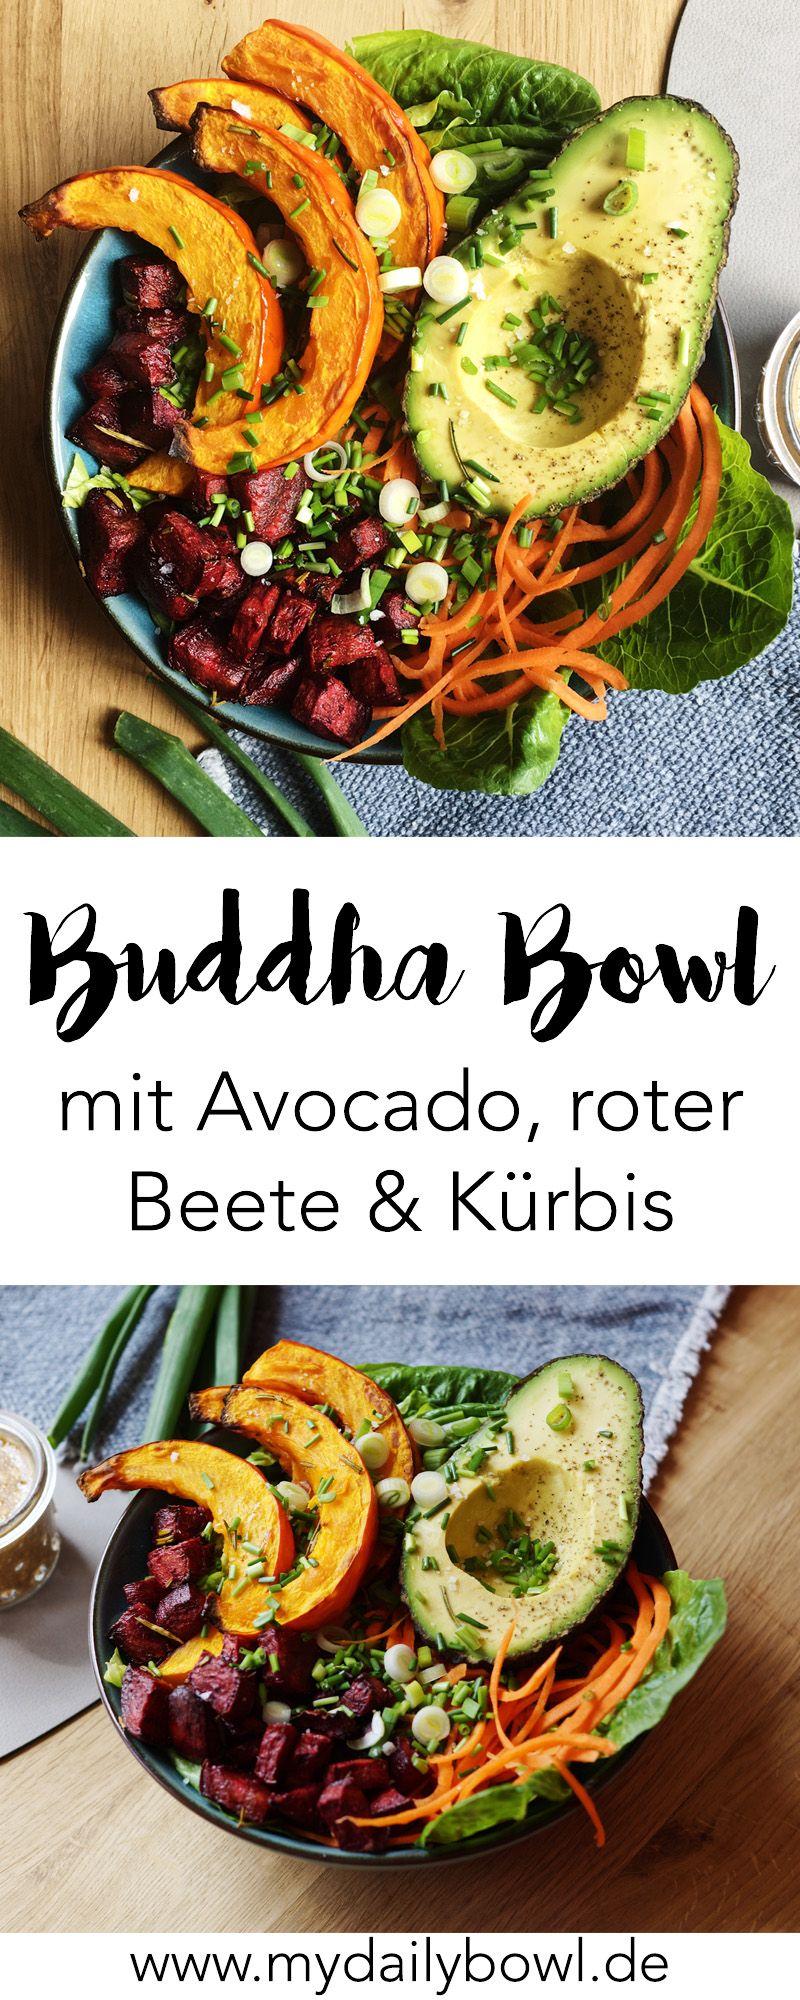 buddha bowl mit avocado k rbis und rote beete meine rezepte buddha bowls smoothies. Black Bedroom Furniture Sets. Home Design Ideas